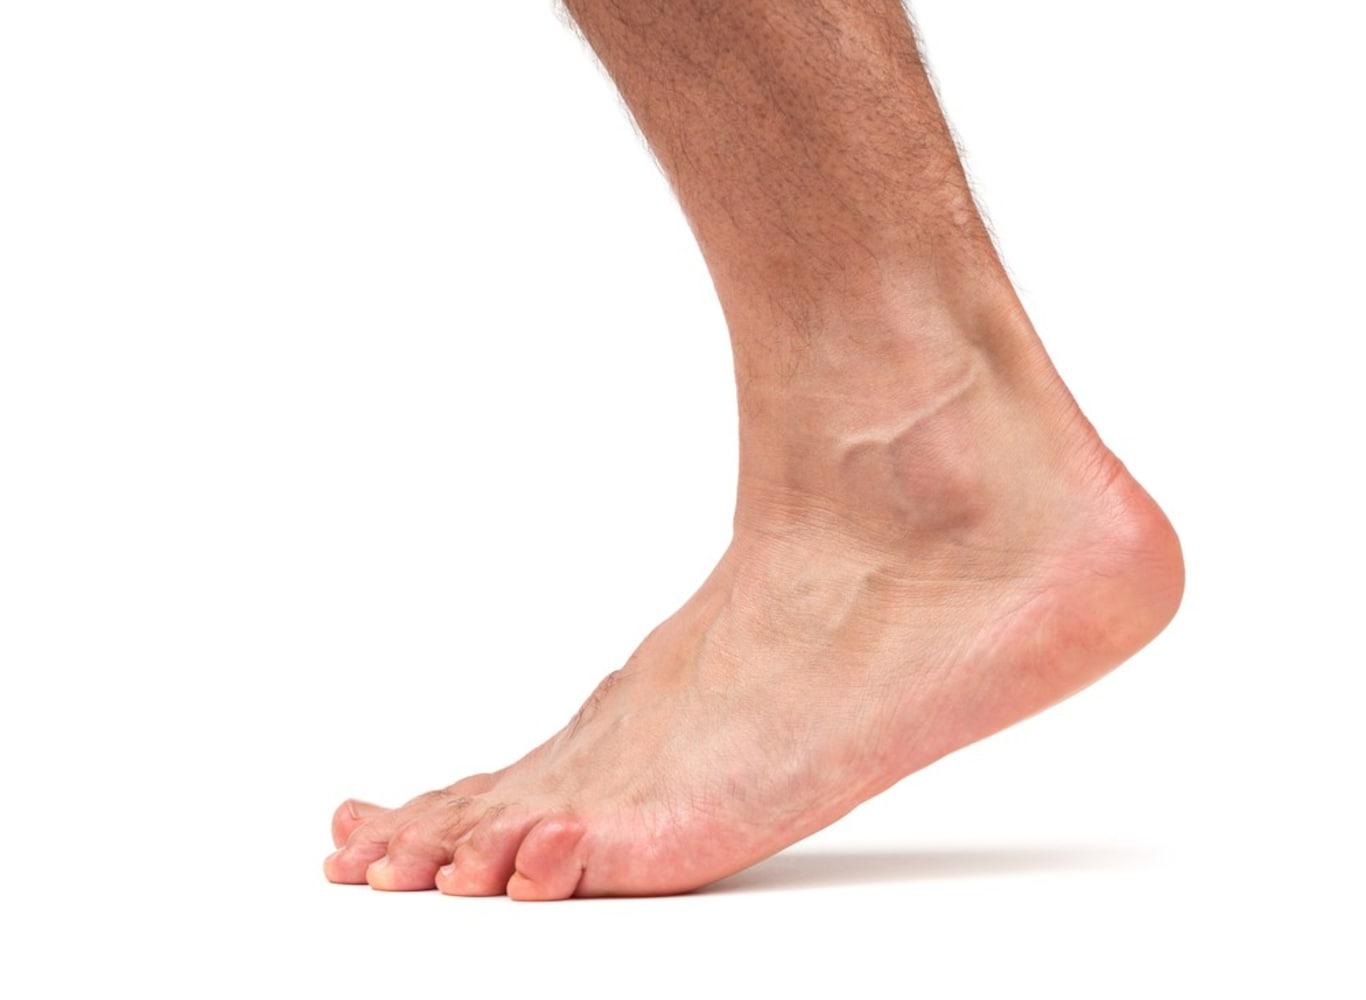 サイズ|足の実寸に合わせる